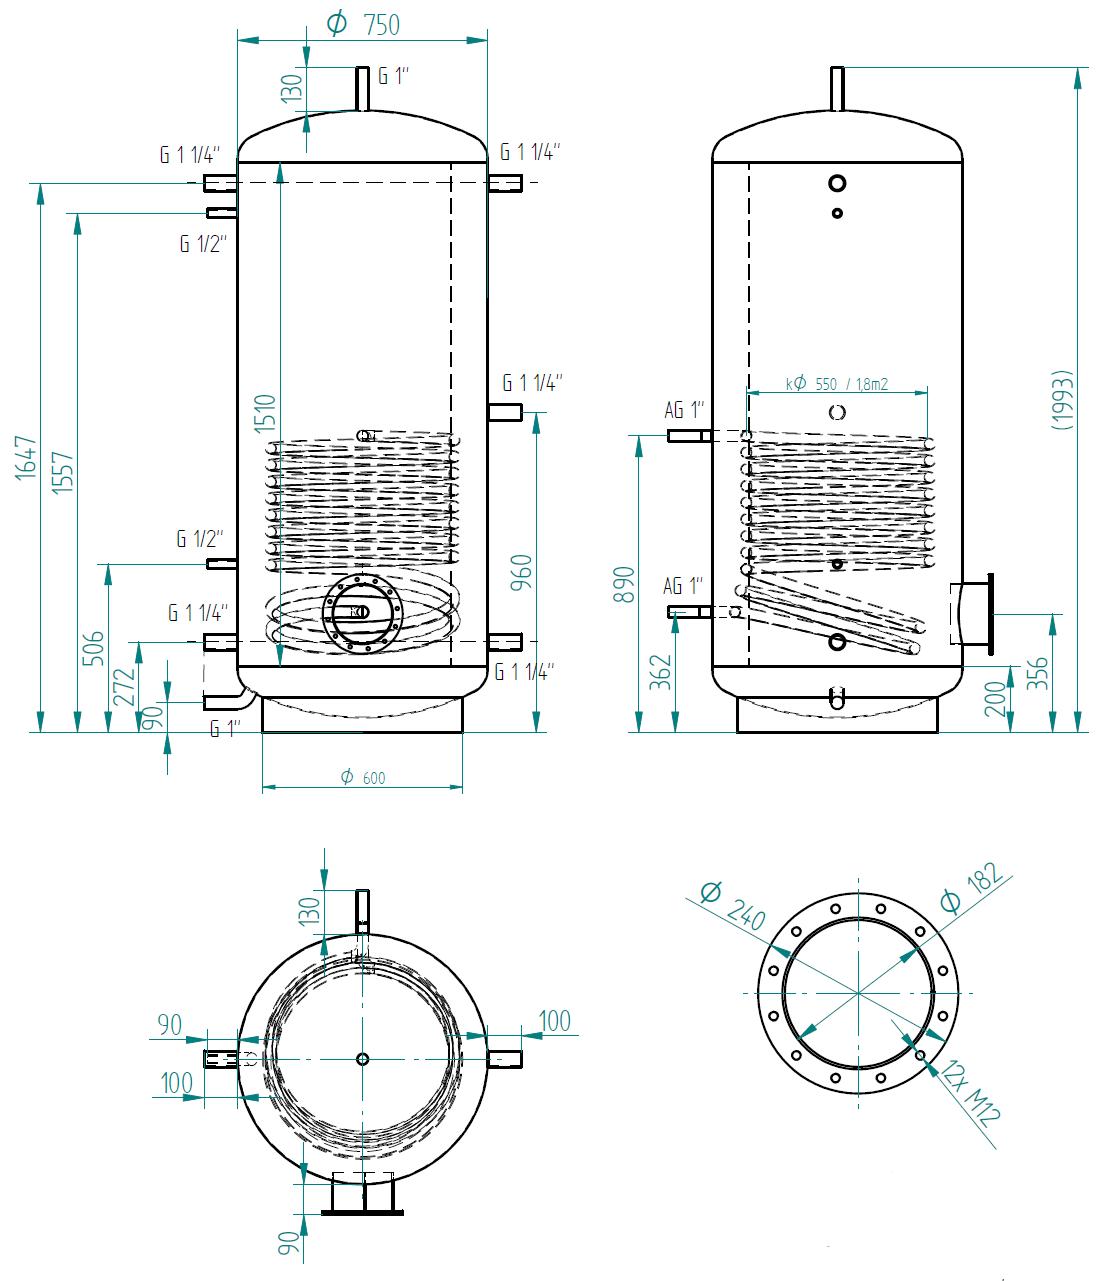 Hot water storage tank 750l s 1 výměníkem